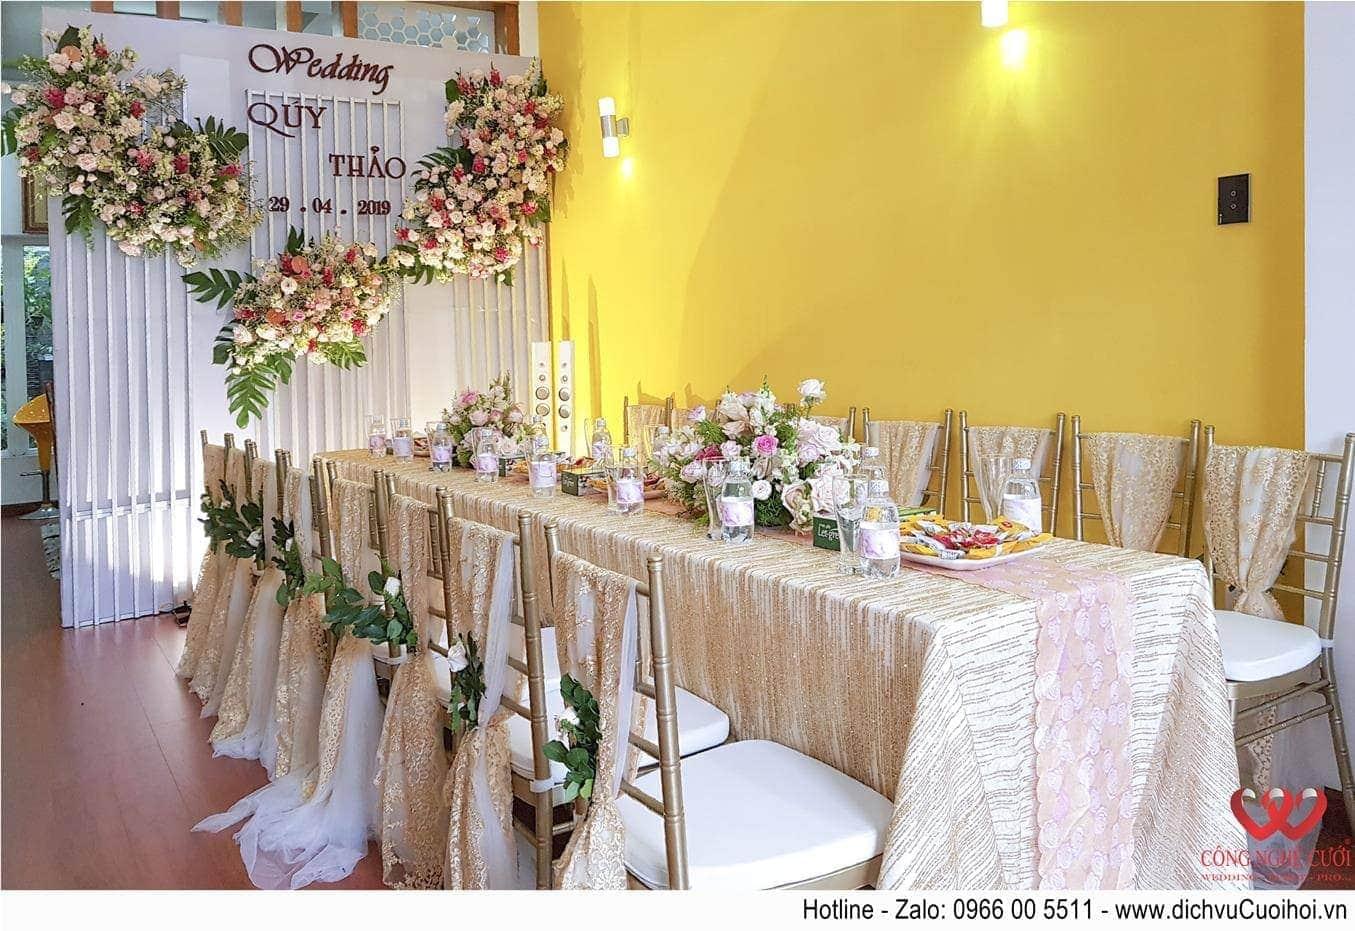 Trang trí nhà đám cưới, dịch vụ cưới hỏi